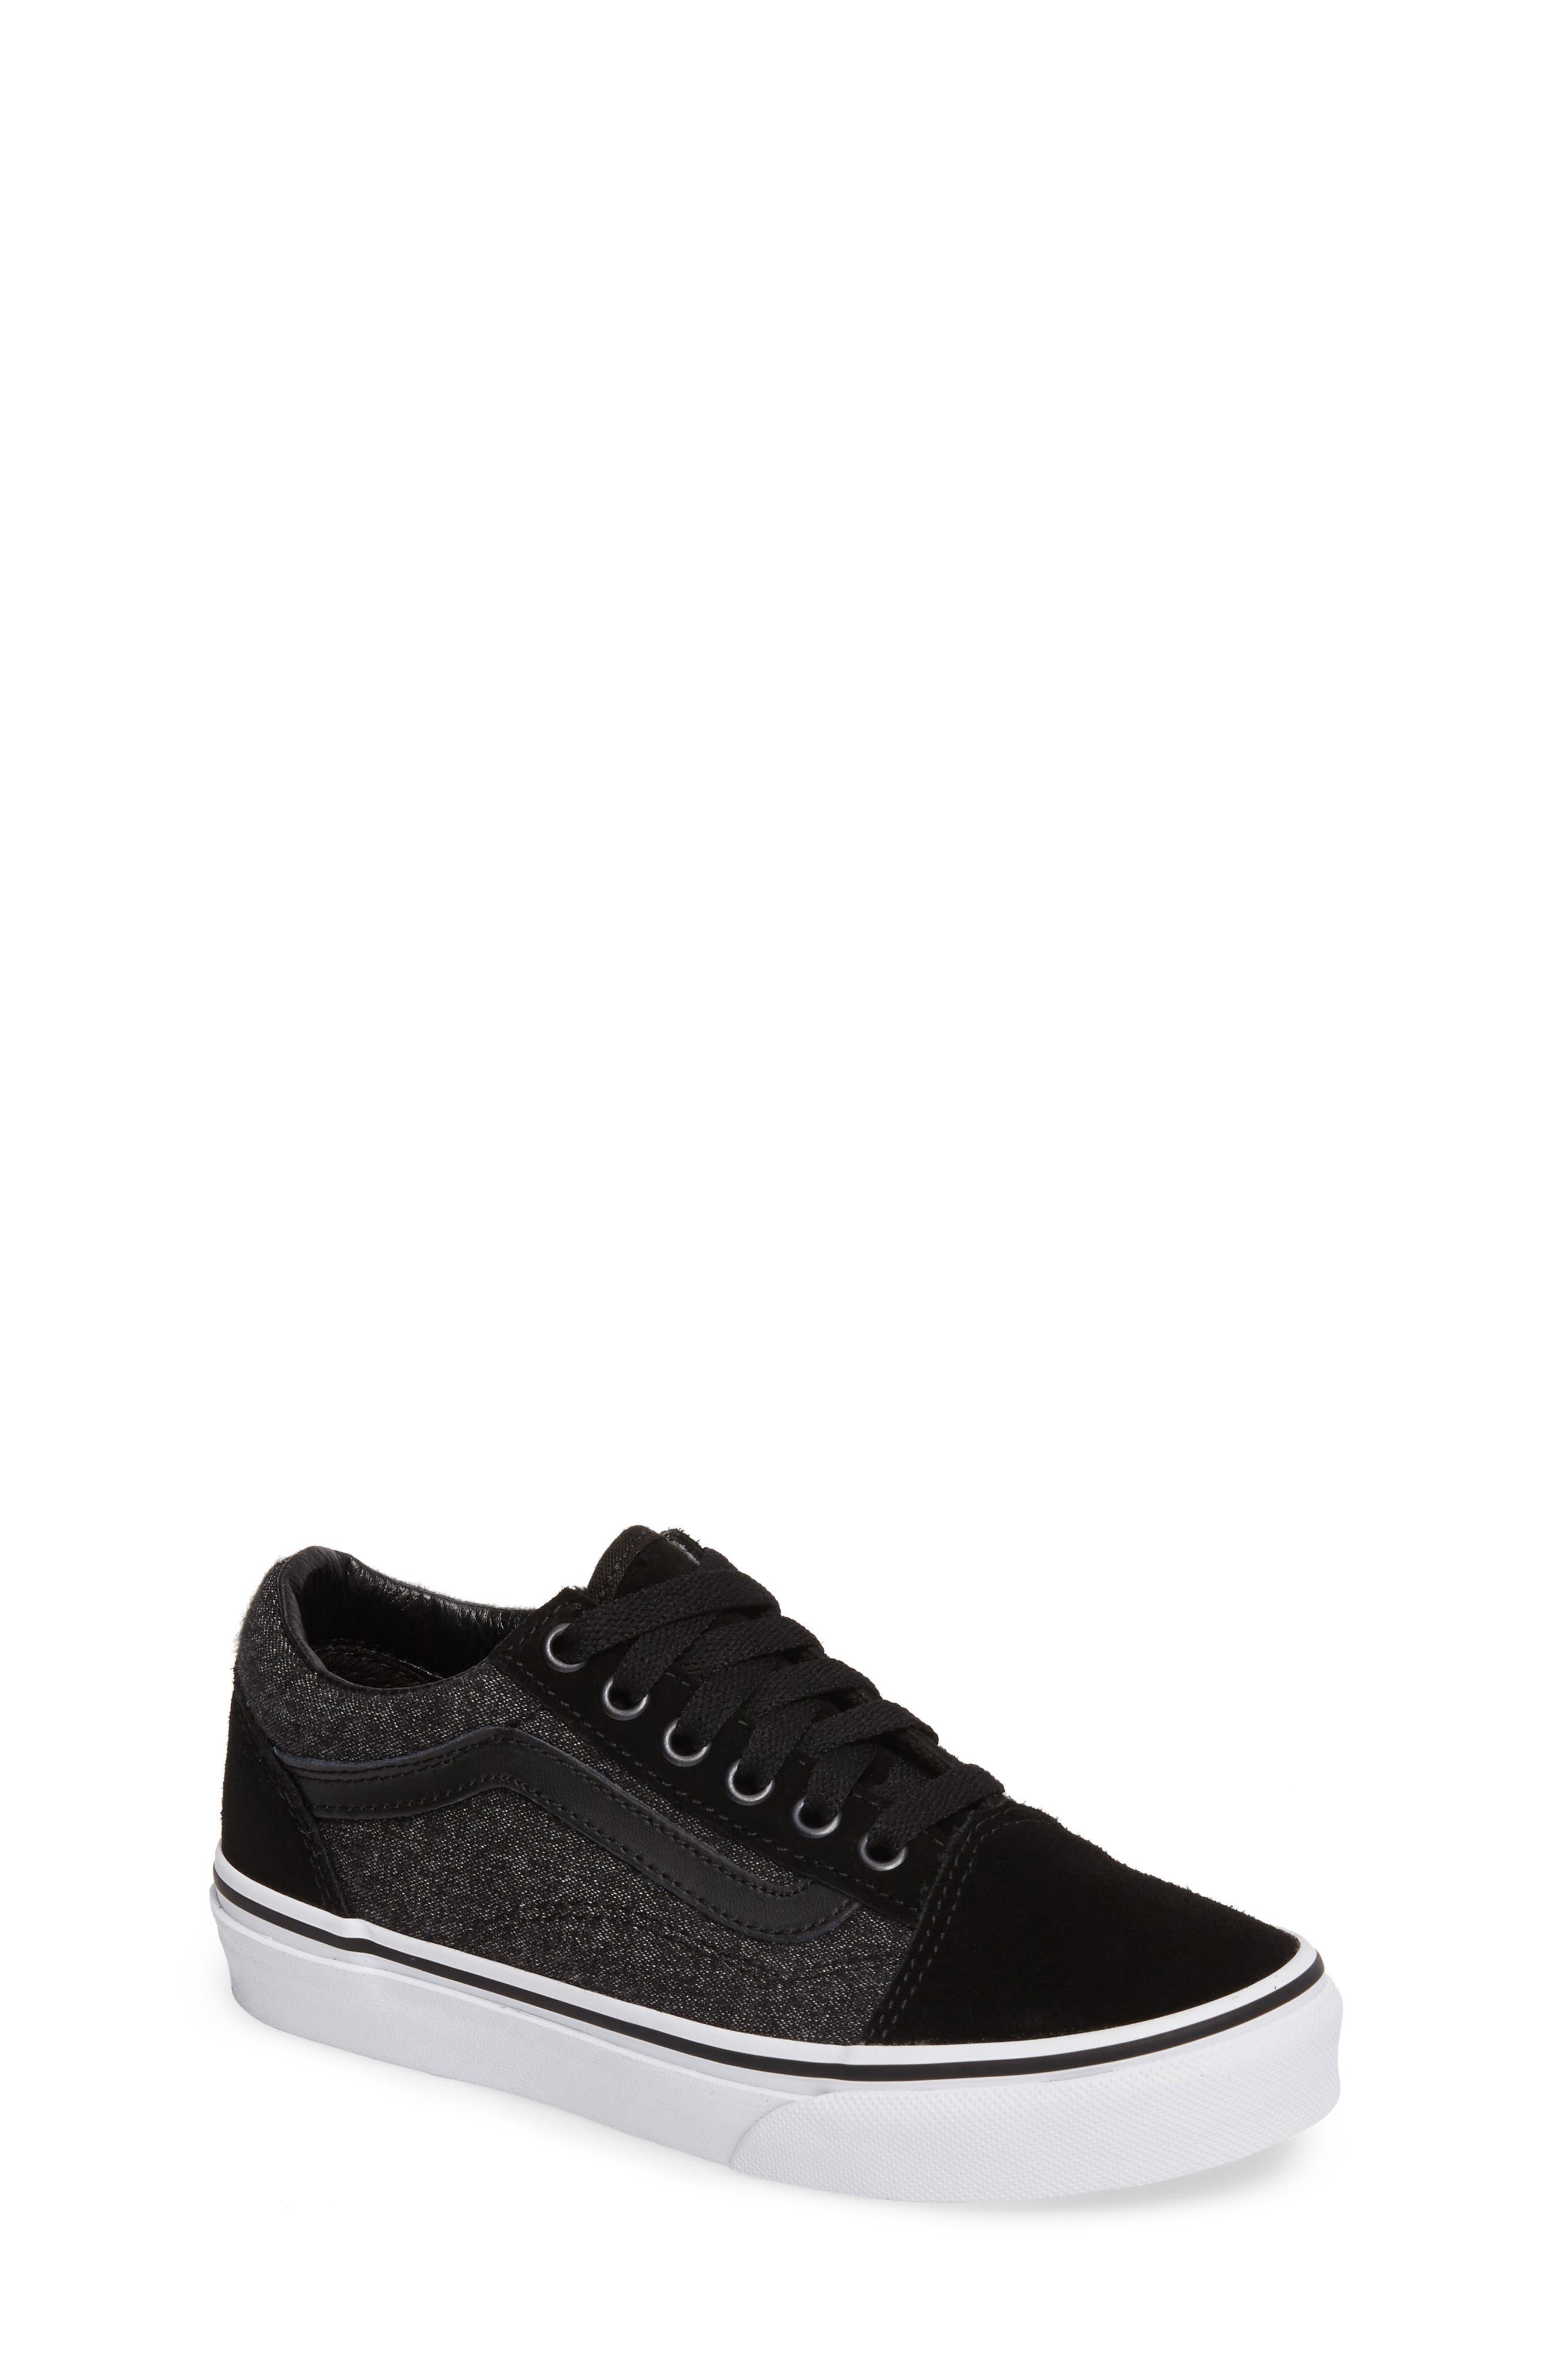 Old Skool Sneaker,                         Main,                         color, 001